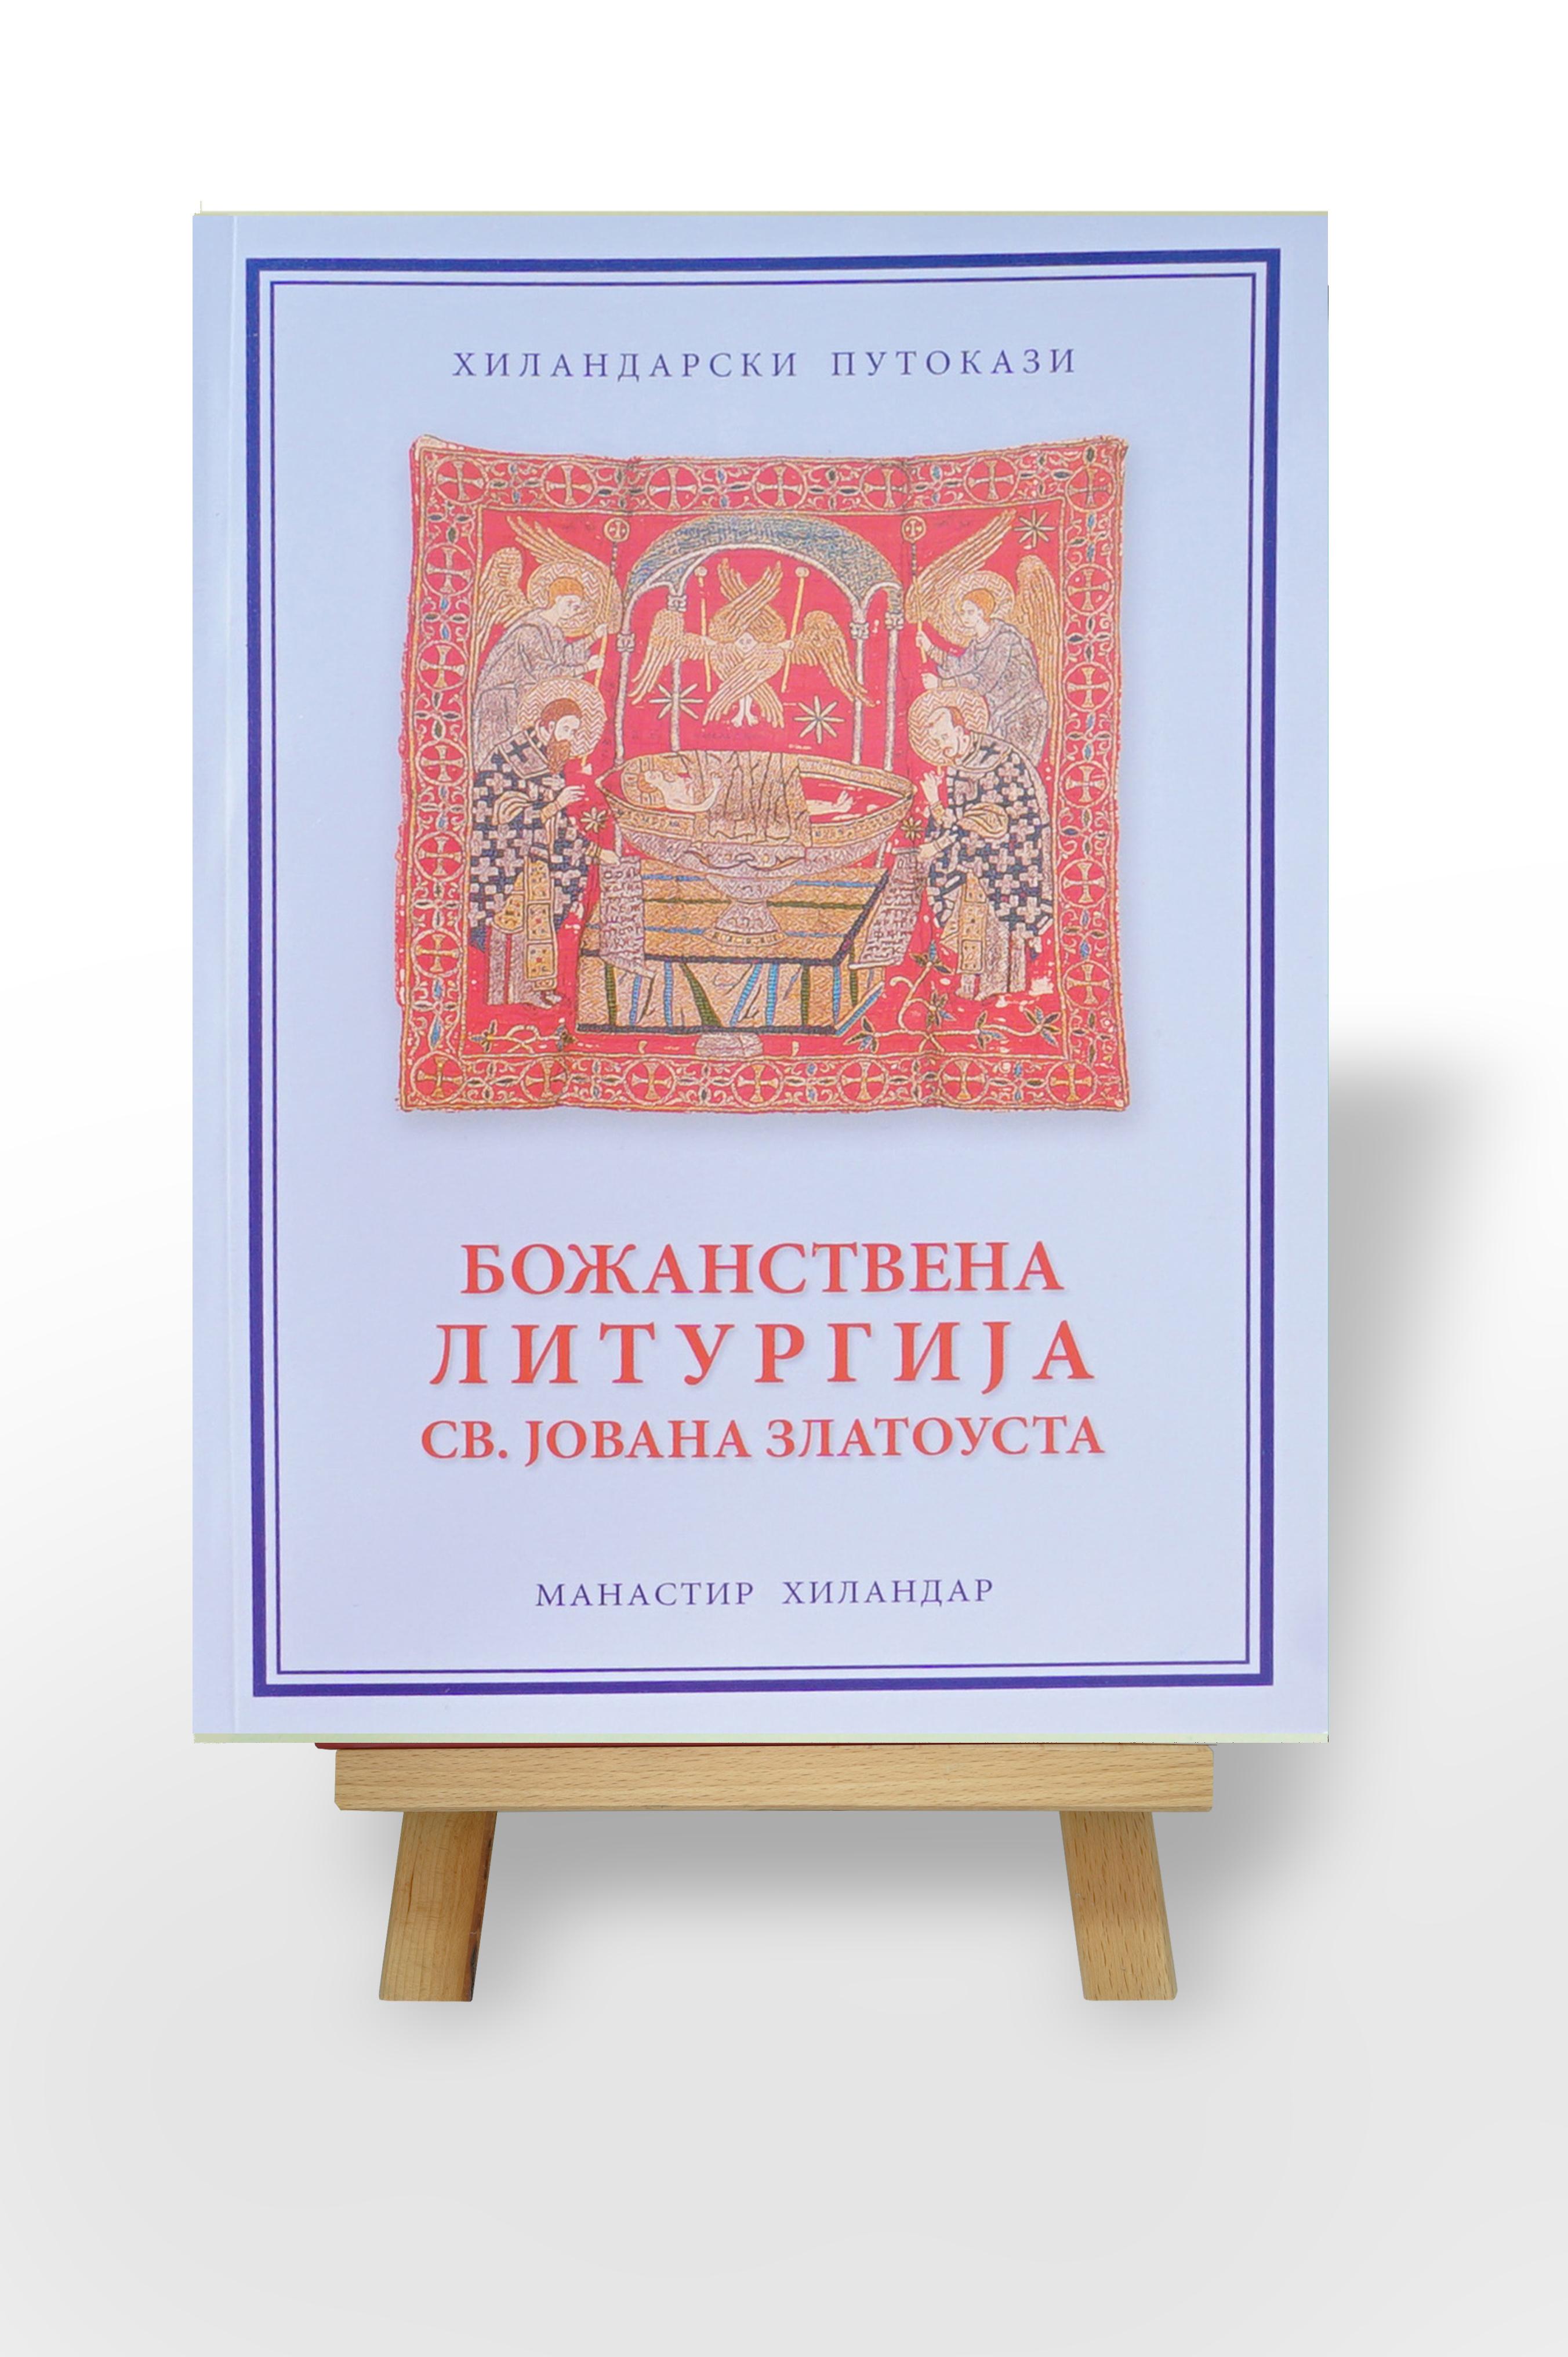 Božanstvena liturgija svetog Jovana Zlatousta, uvod, napomene, tumačenje